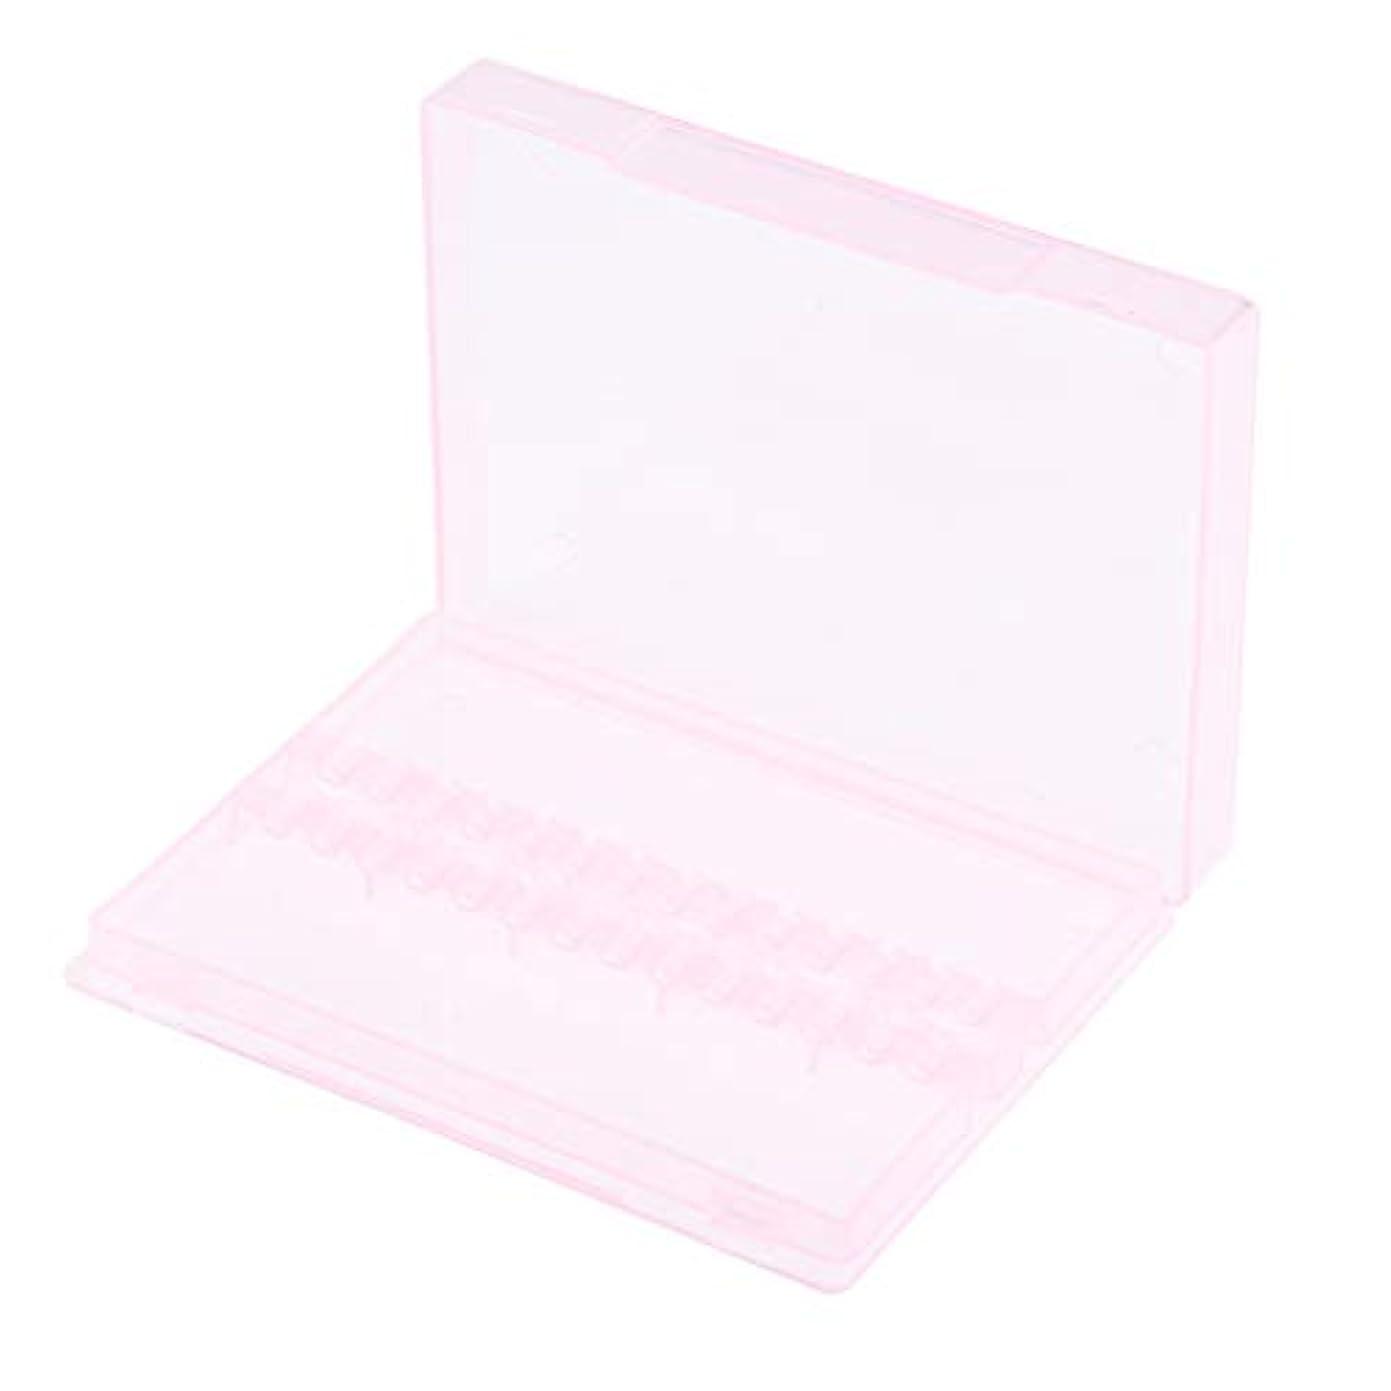 学者先入観それにもかかわらずF Fityle ネイルアート ドリルビットホルダー 空ボックス 収納ケース 2色選べ - ピンク